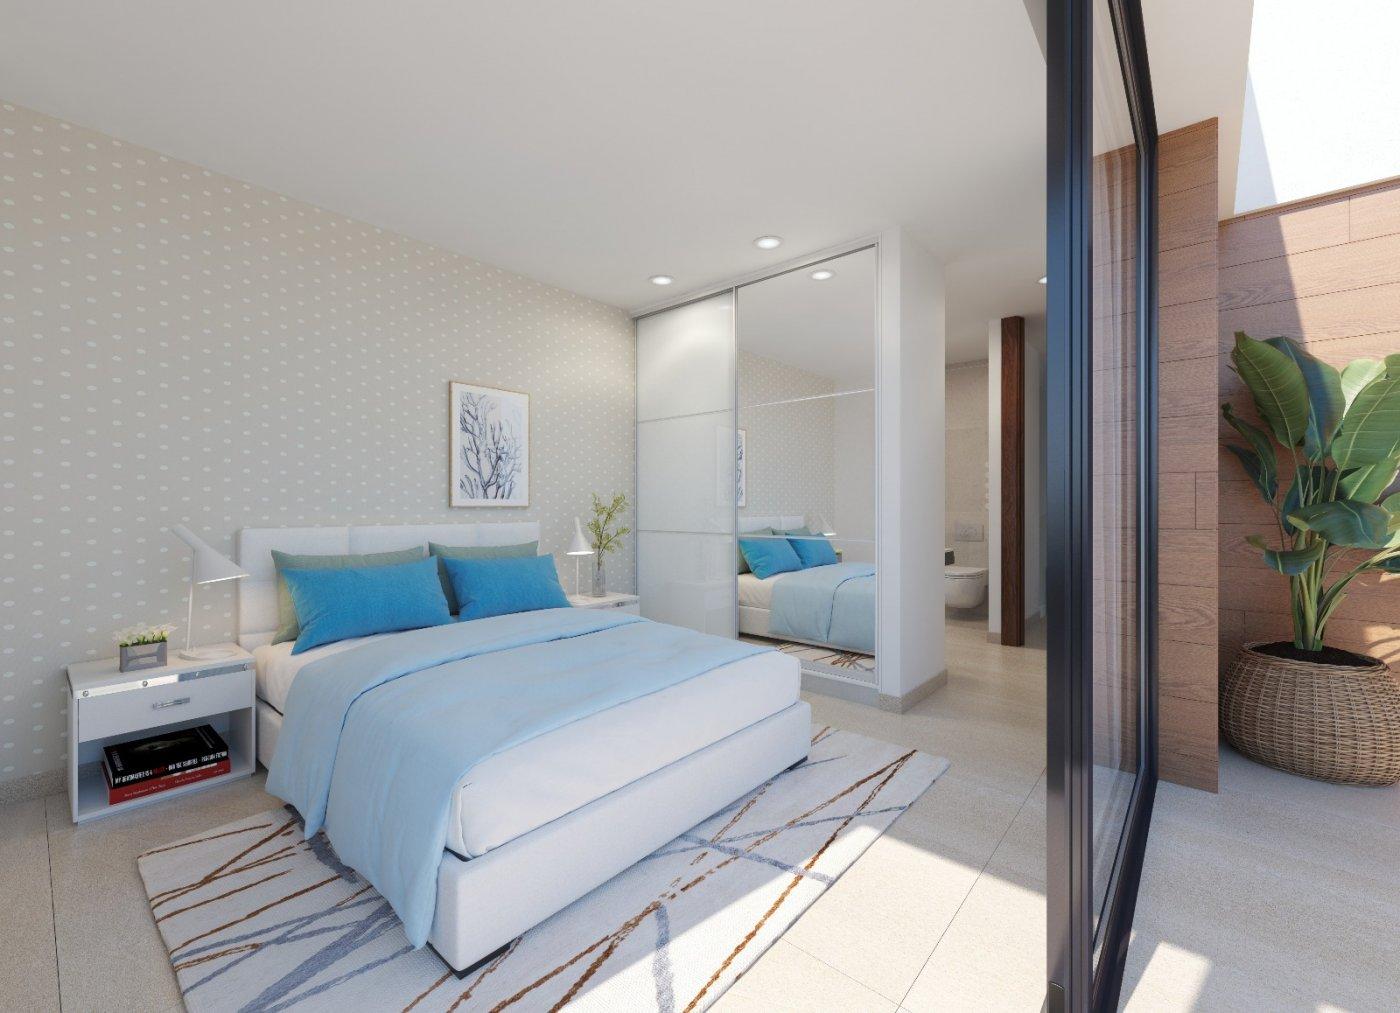 Villas de obra nueva modernas con vistas al mar en sierra cortina - imagenInmueble12